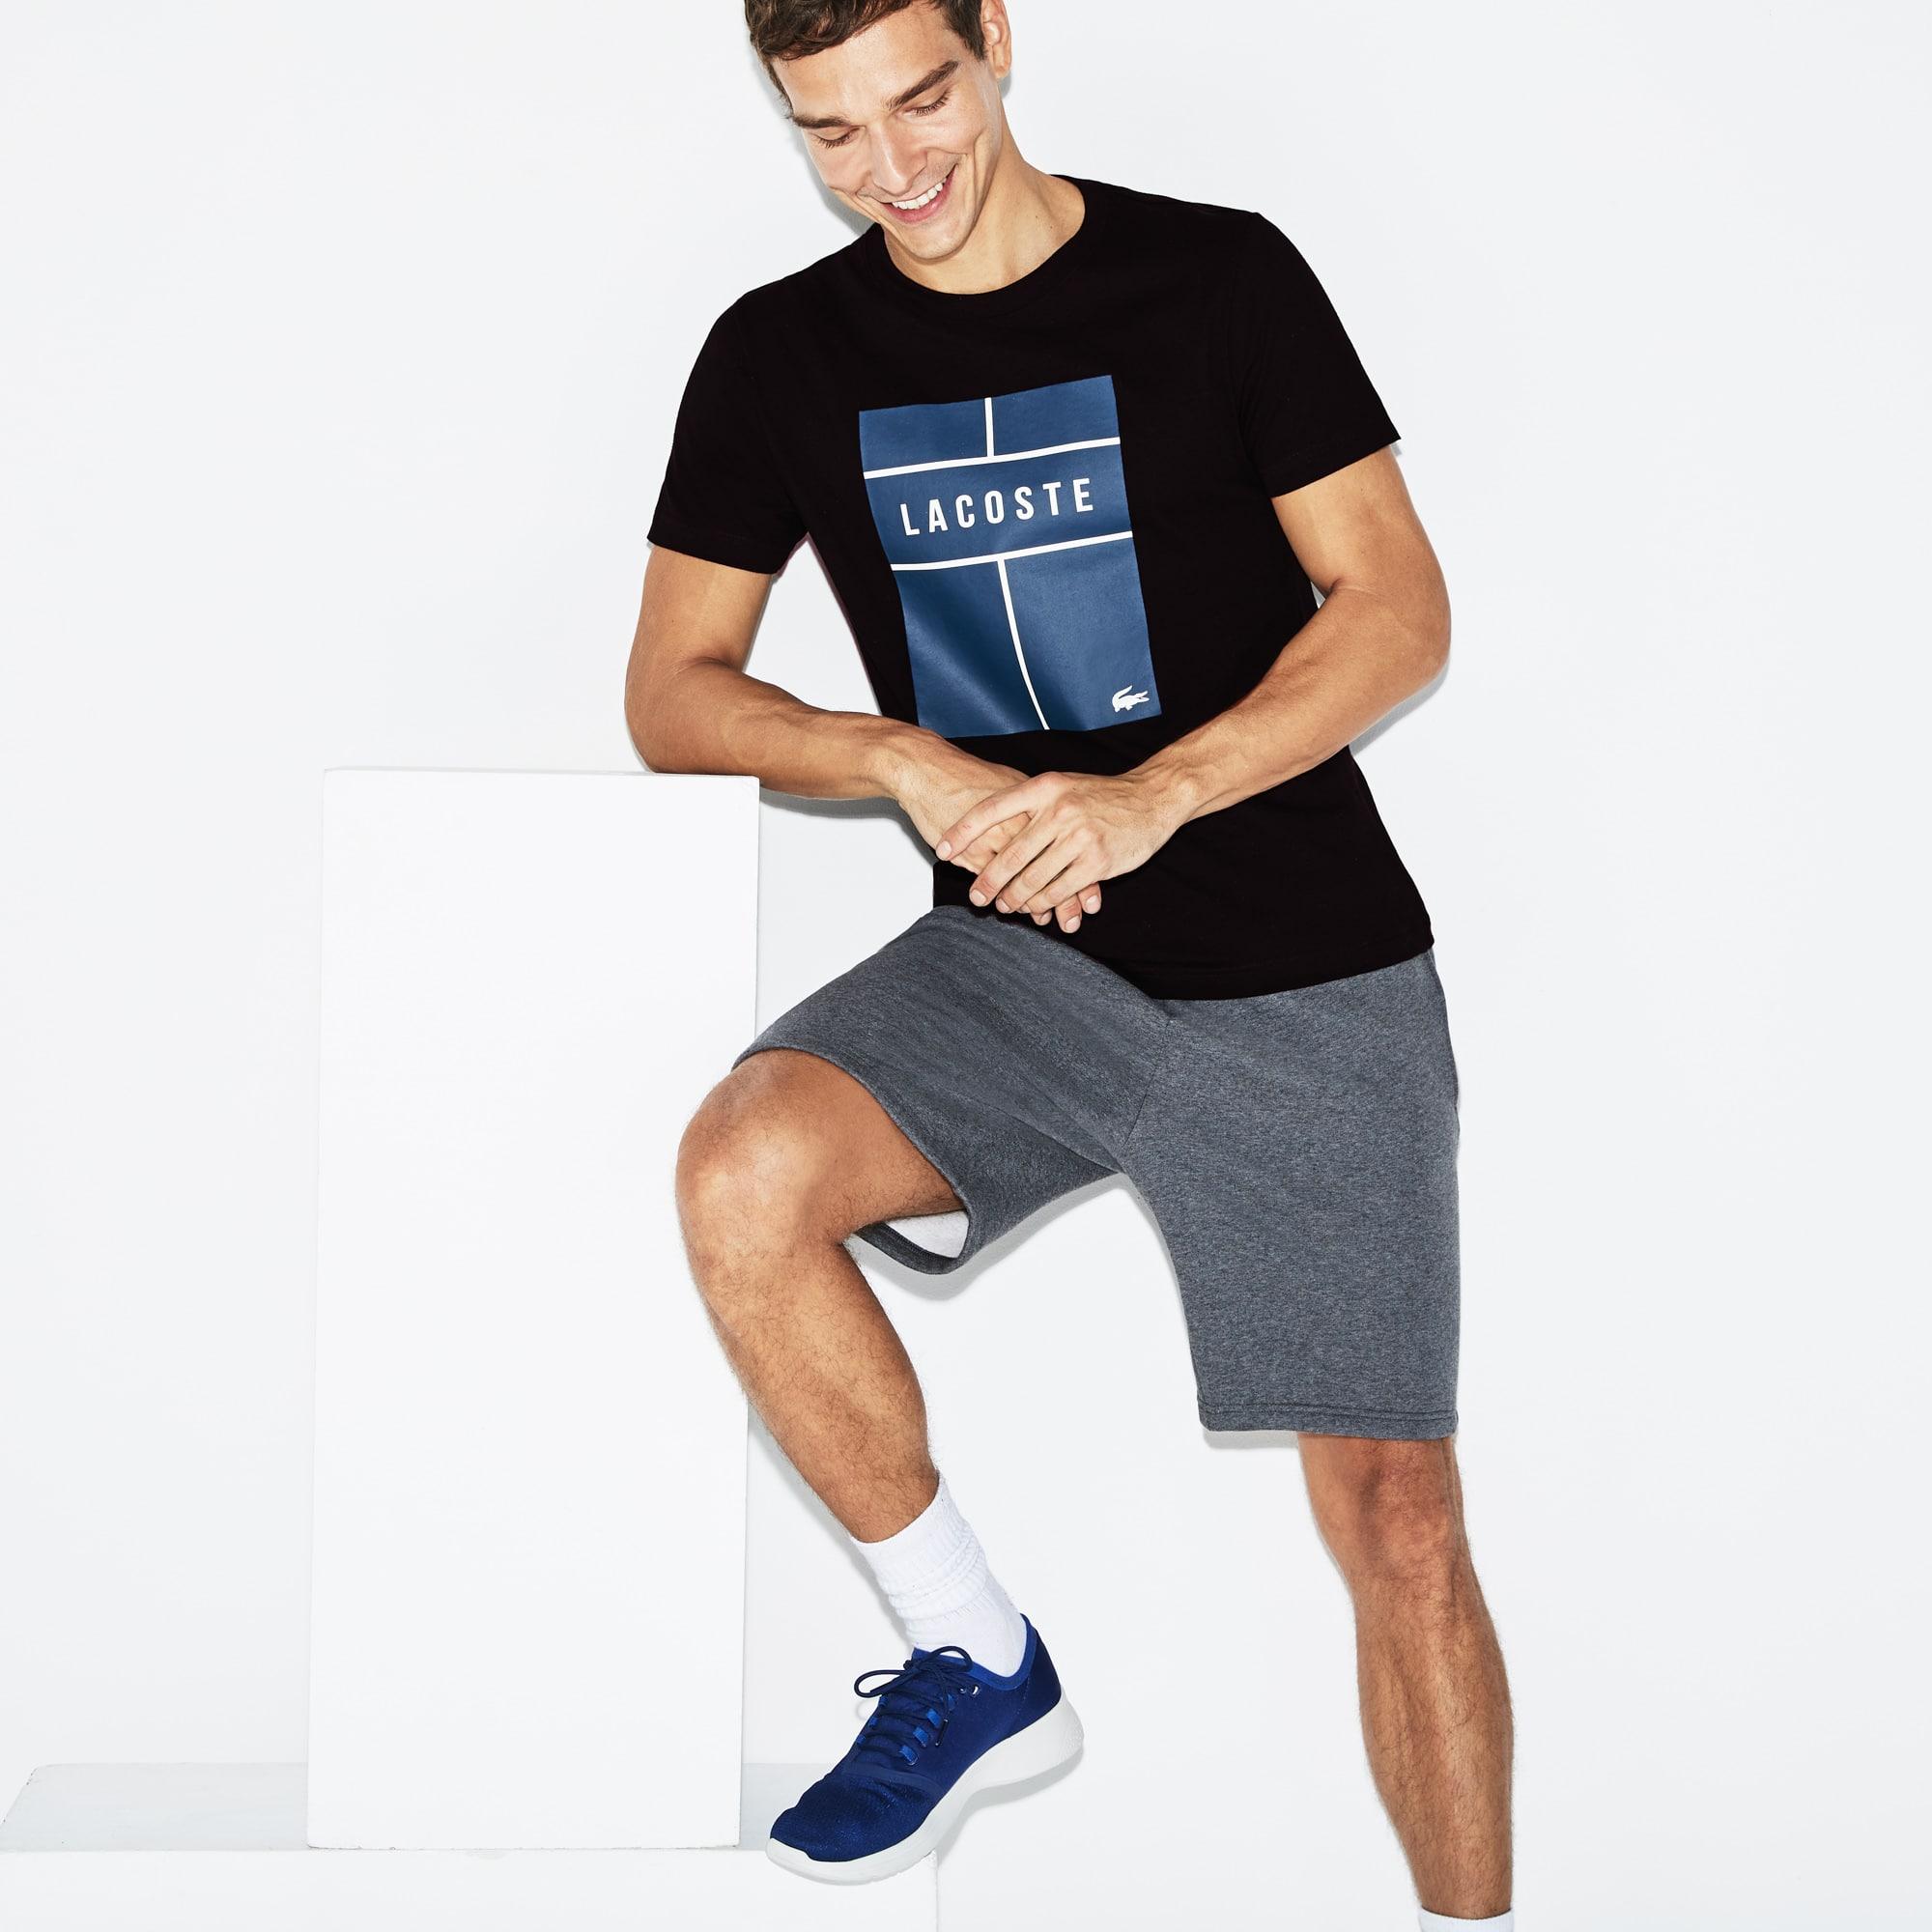 Lacoste SPORT Tennis-T-shirt heren jersey met ronde hals en letters